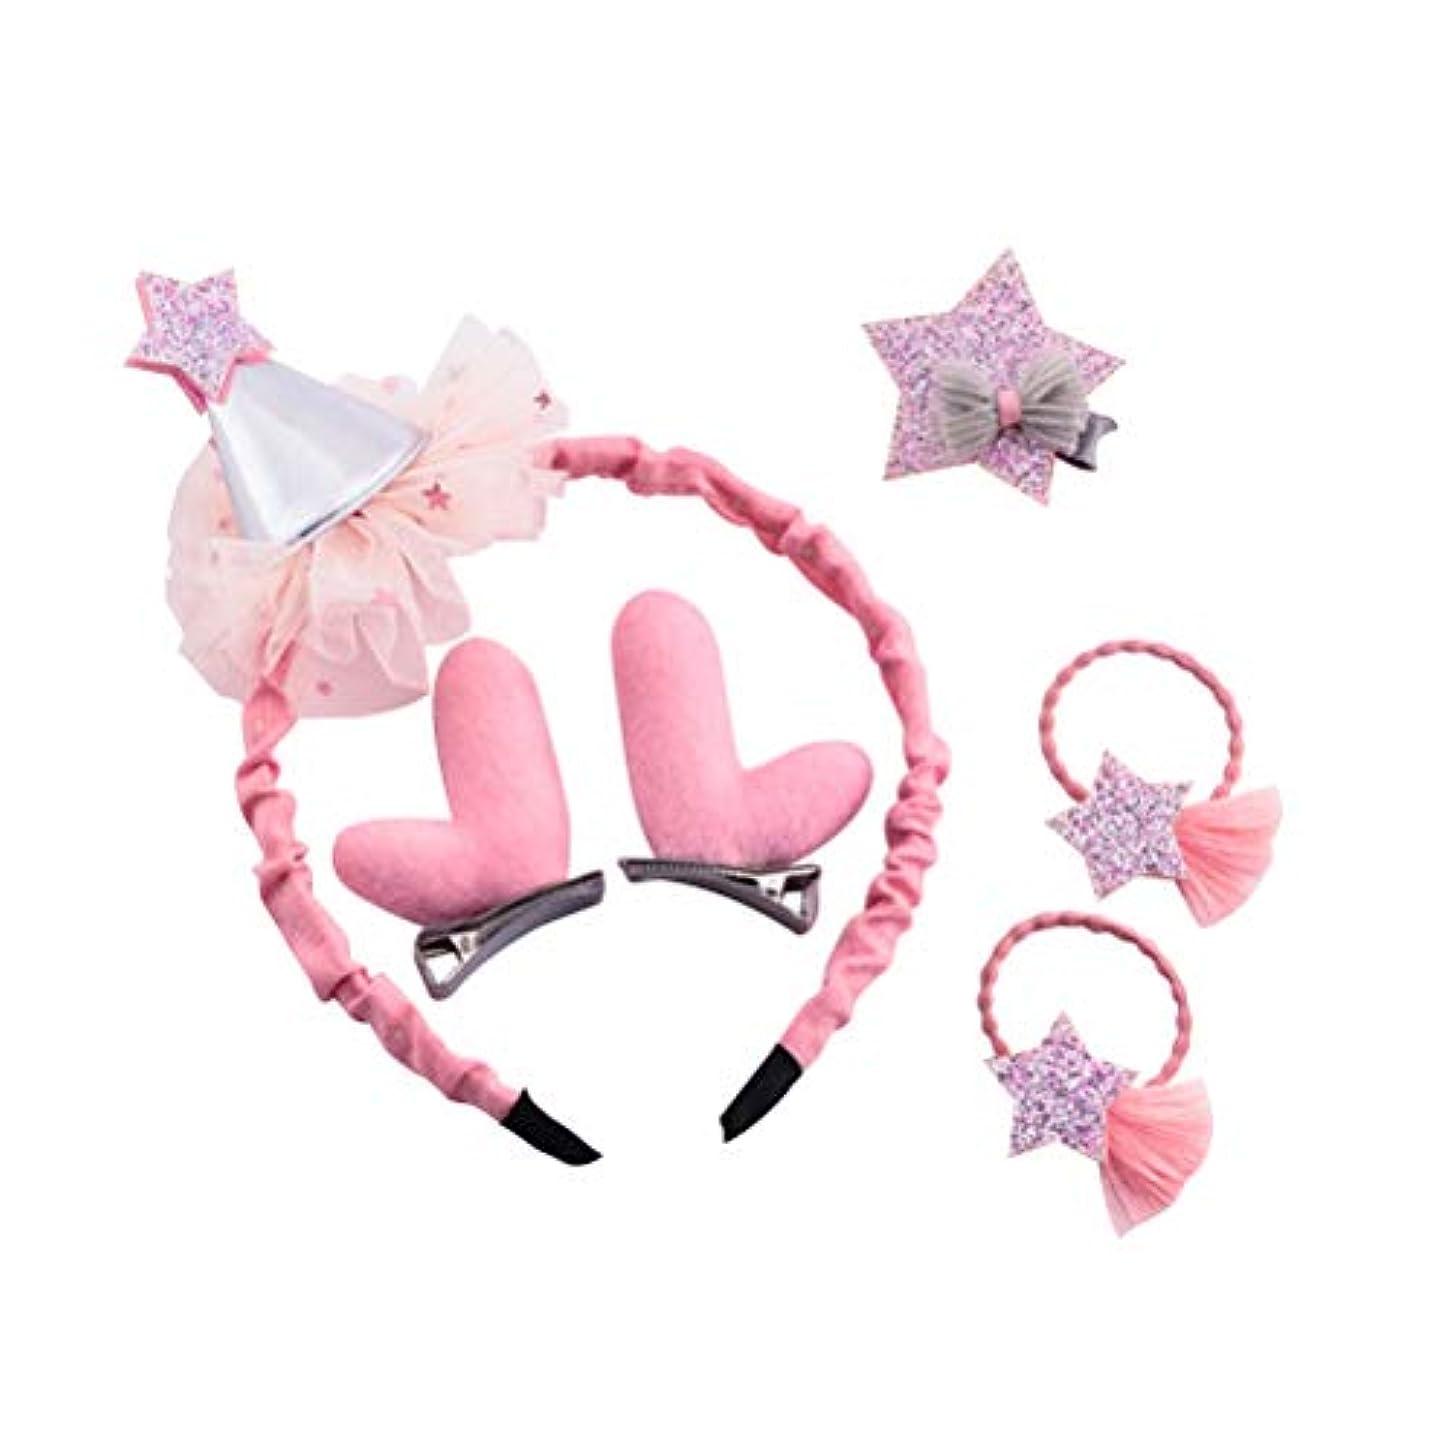 六分儀弾薬重なるBESTOYARD クリスマスの髪のアクセサリー帽子のレンダーの飾り飾りヘッドバンドのヘアクリップ女の子のためのピンバレッタの髪の弾性(ピンク)